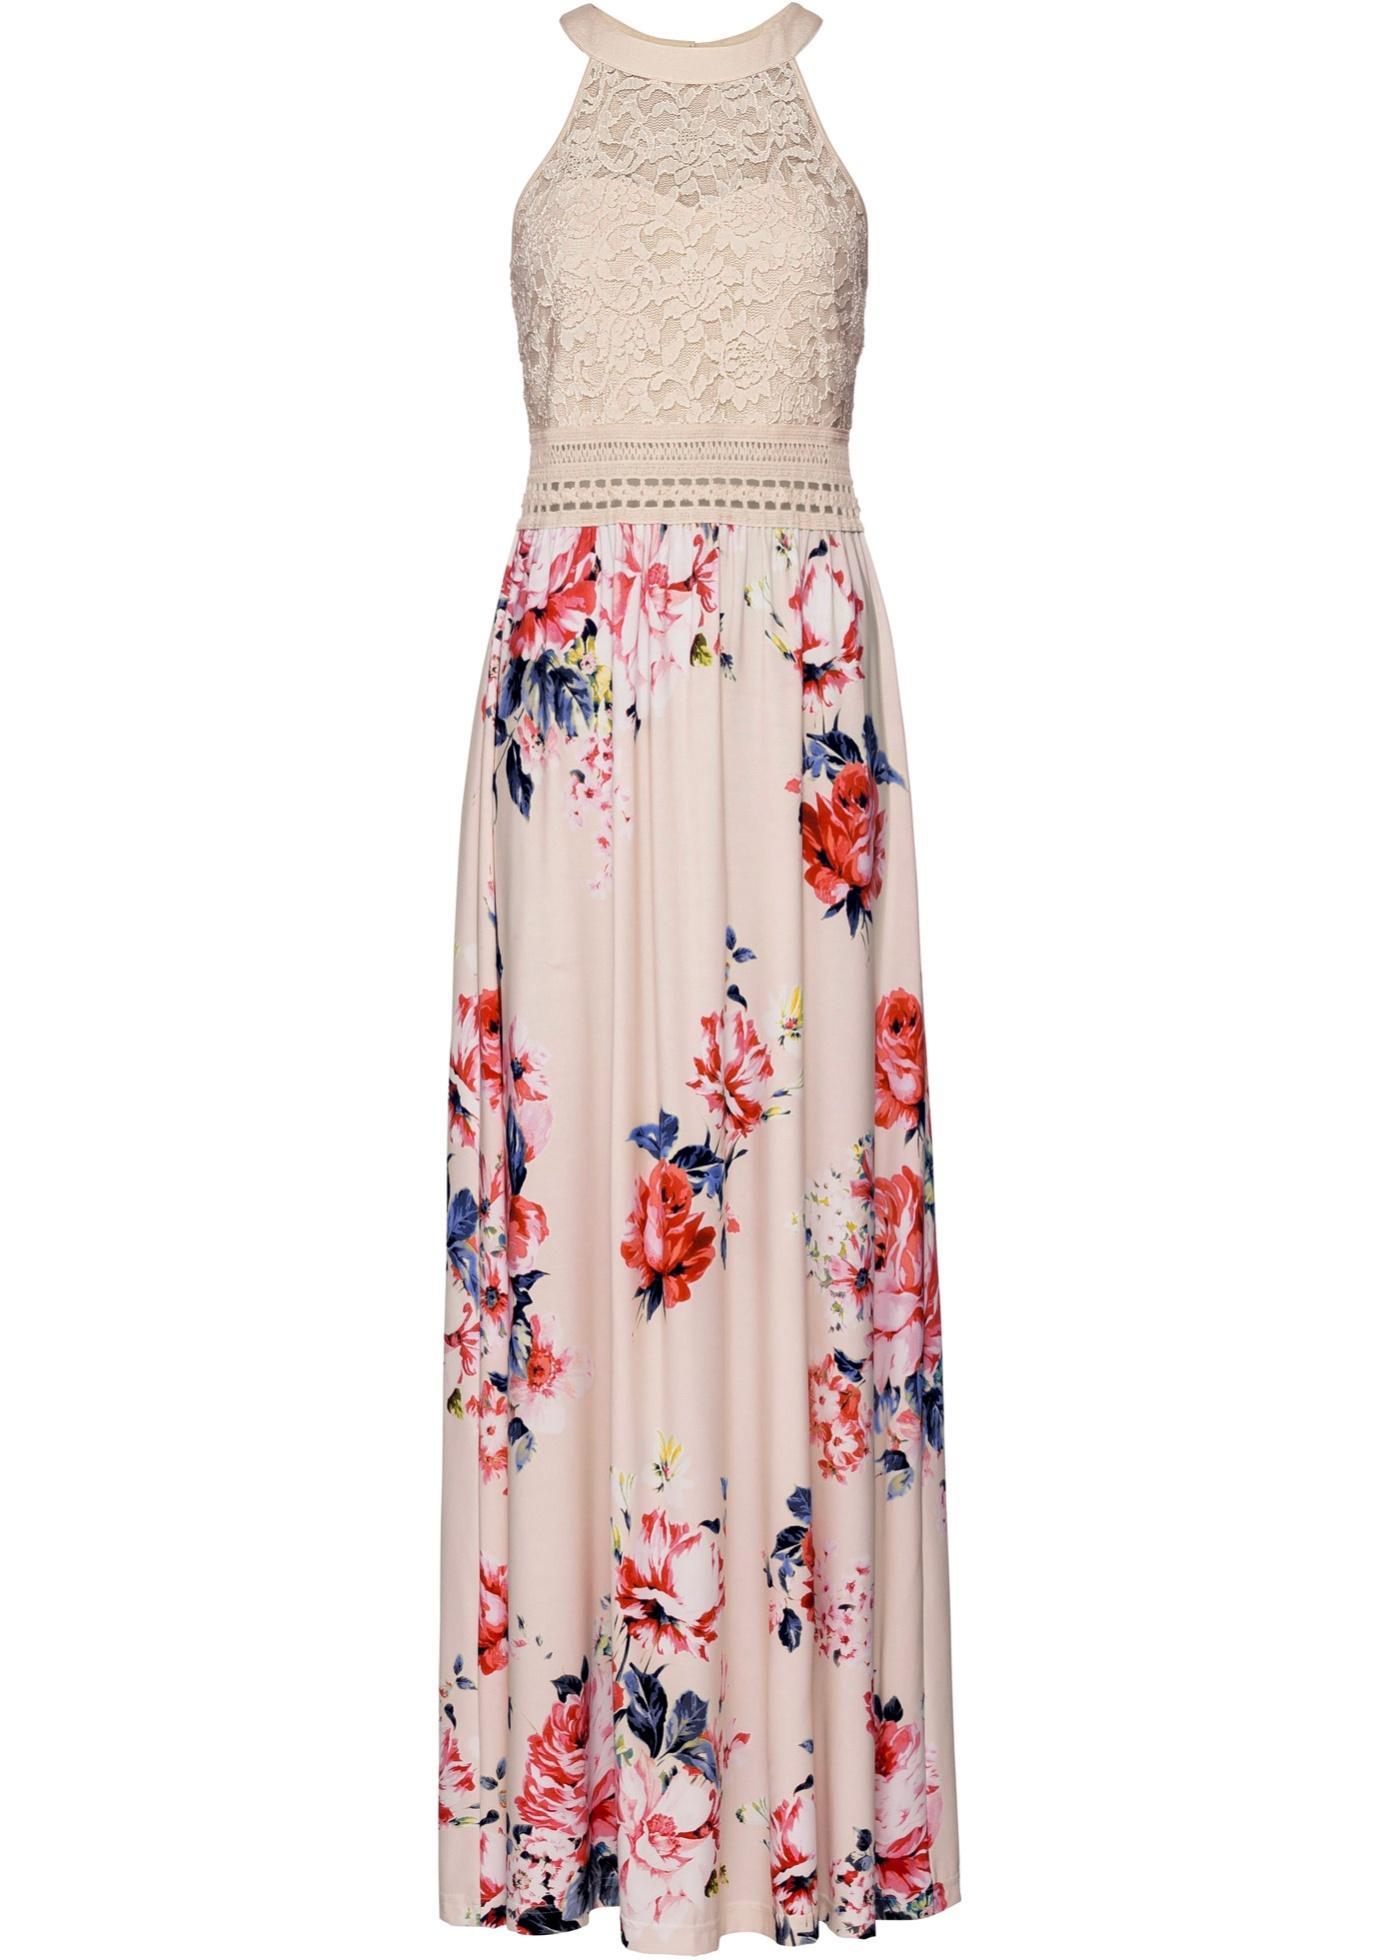 Letní šaty s květovým vzorem a krajkou - Béžová db38348fd8